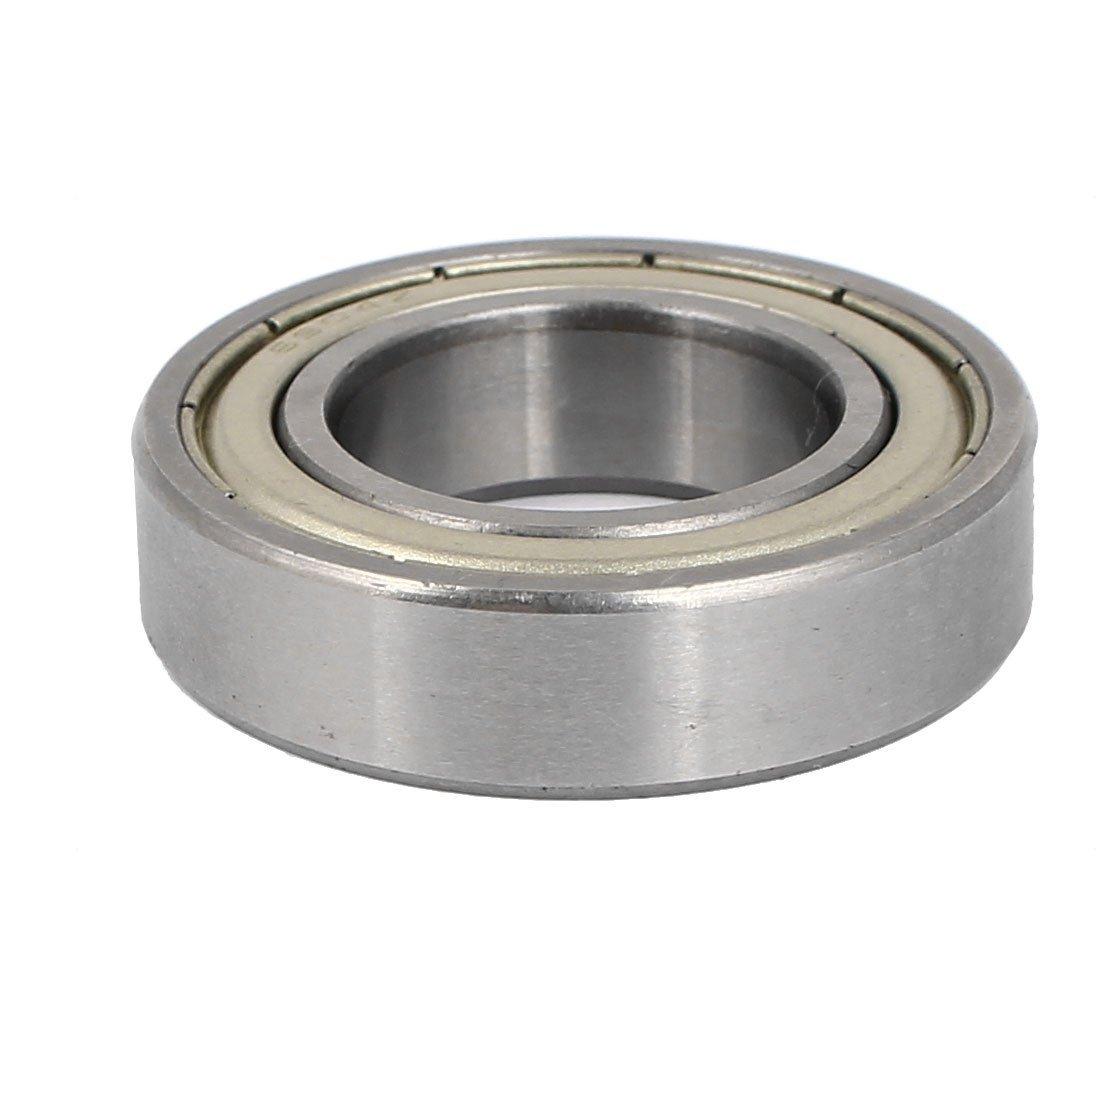 eDealMax 6904Z 20 x 37 x Bolas Radial metálico protegido ranura profunda rodamientos DE 9 mm 2pcs: Amazon.com: Industrial & Scientific